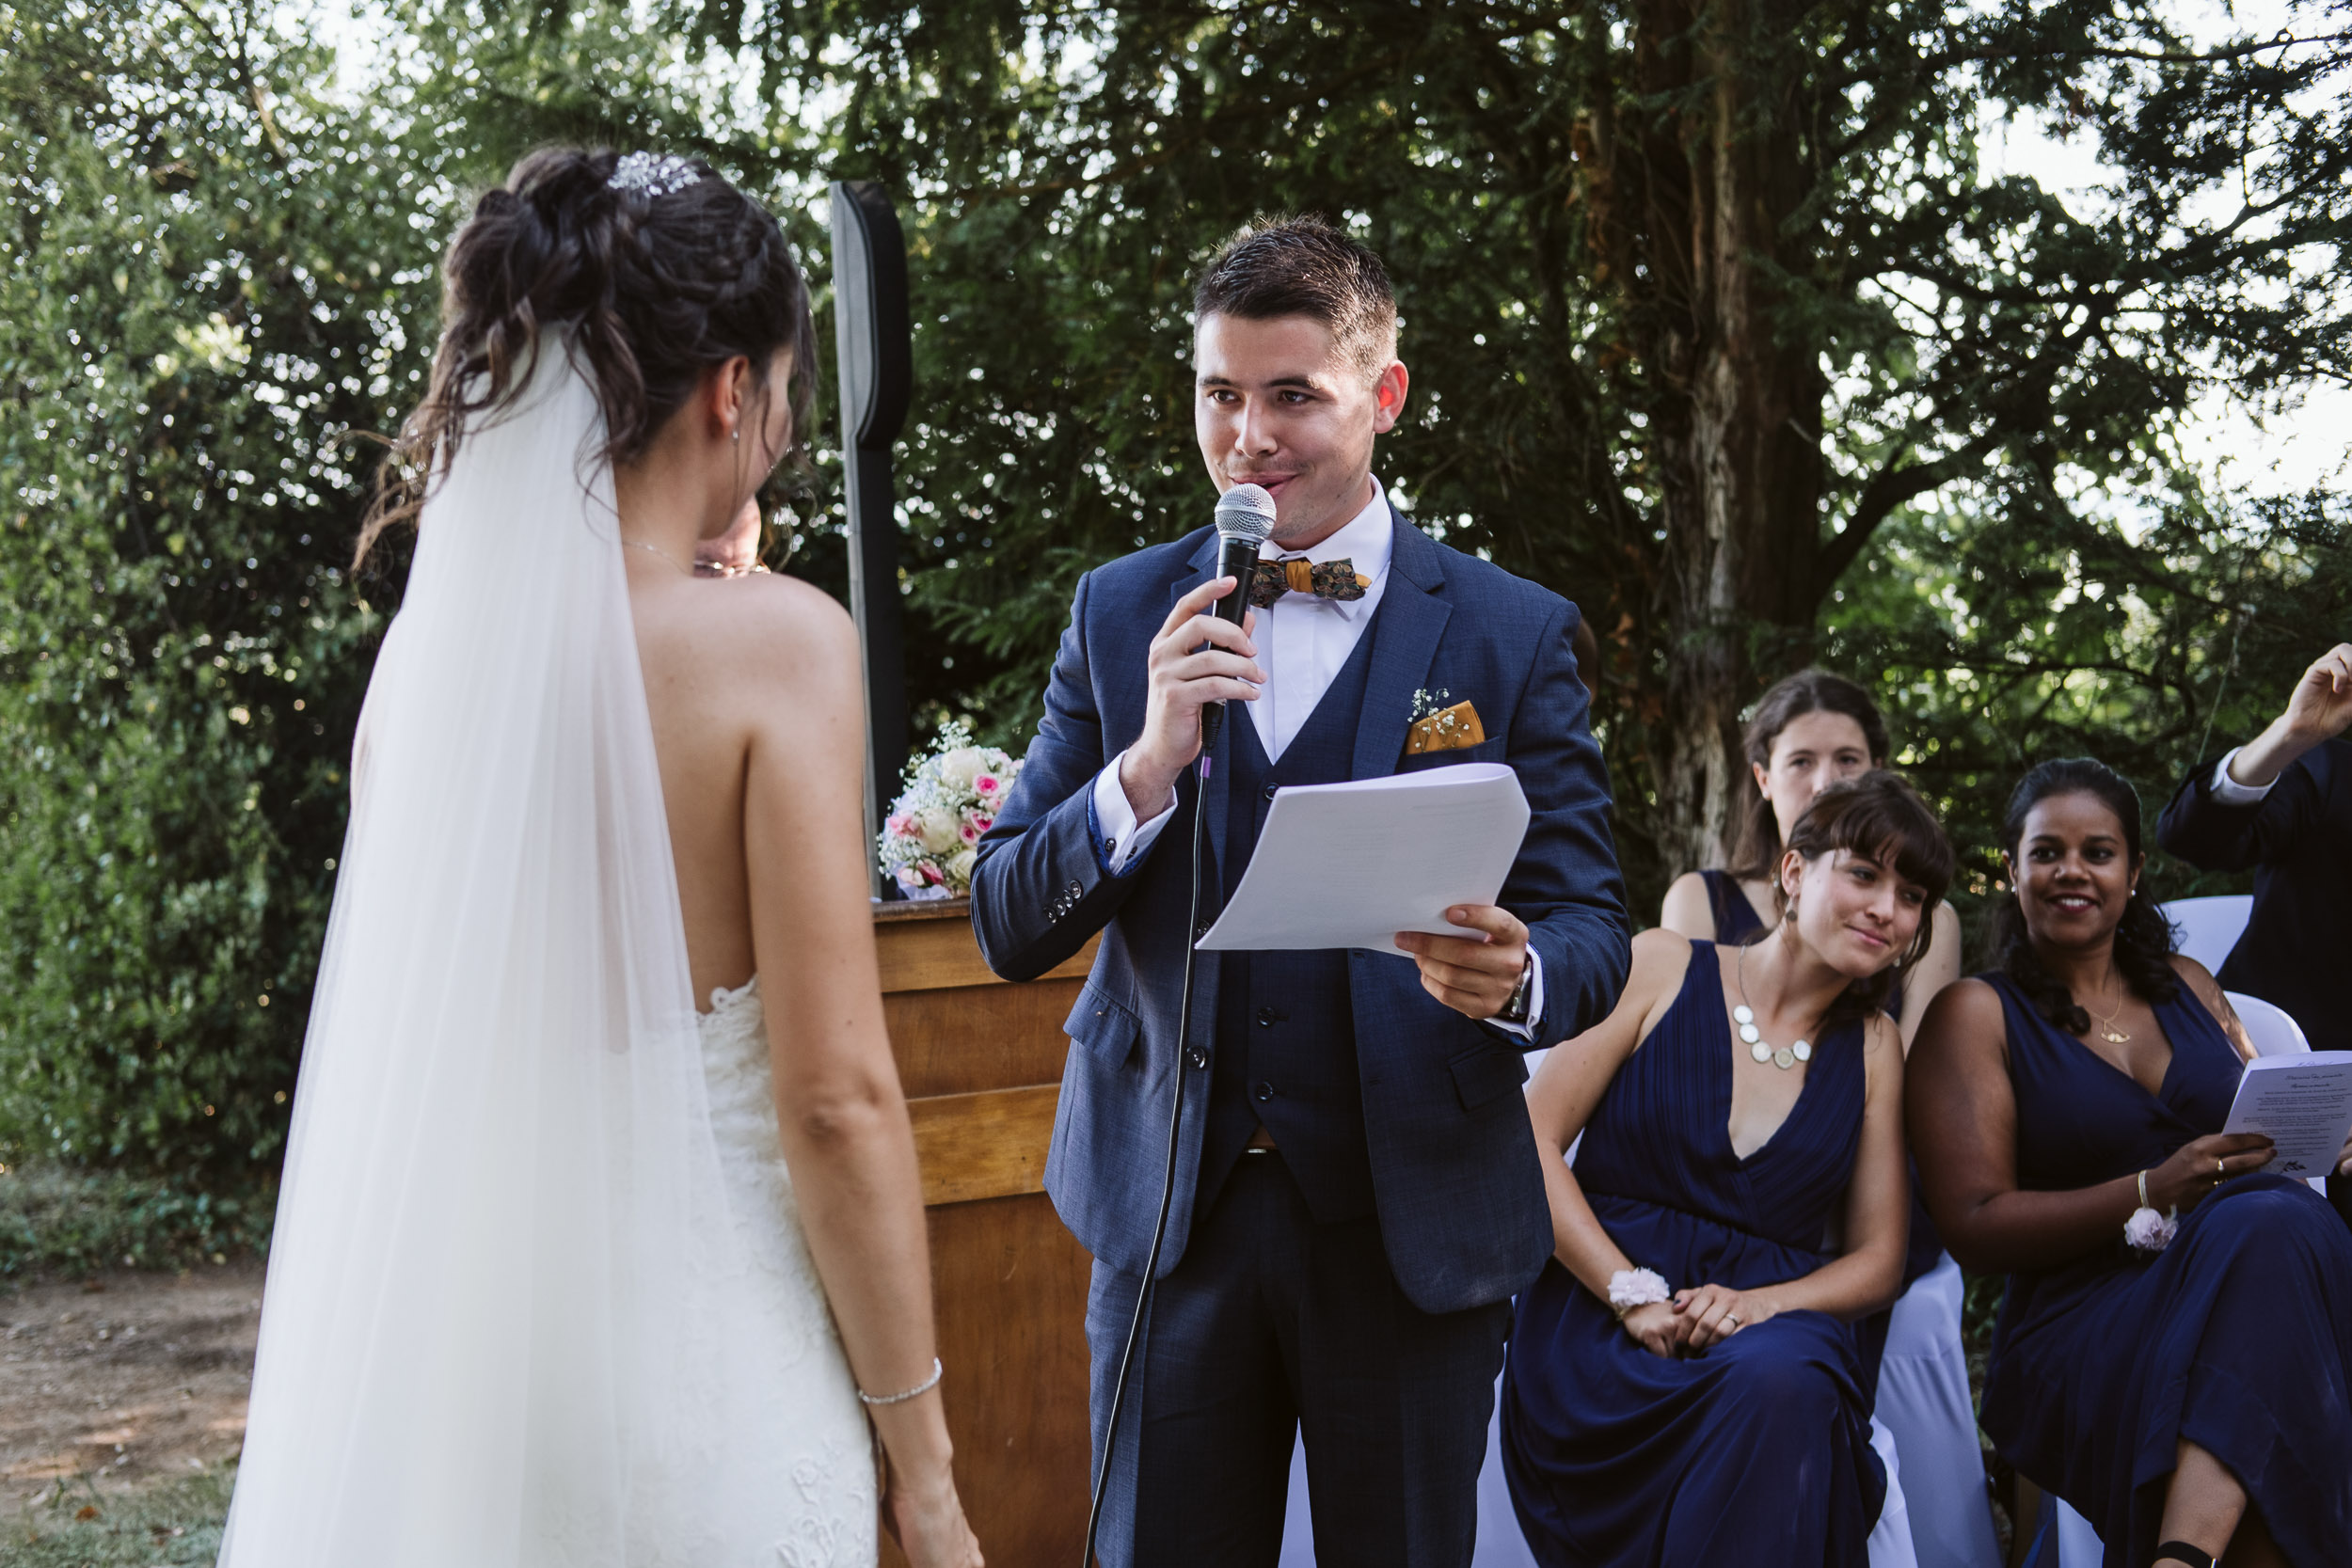 gerald-mattel-photographe-mariage-chateau-nety-8.jpg